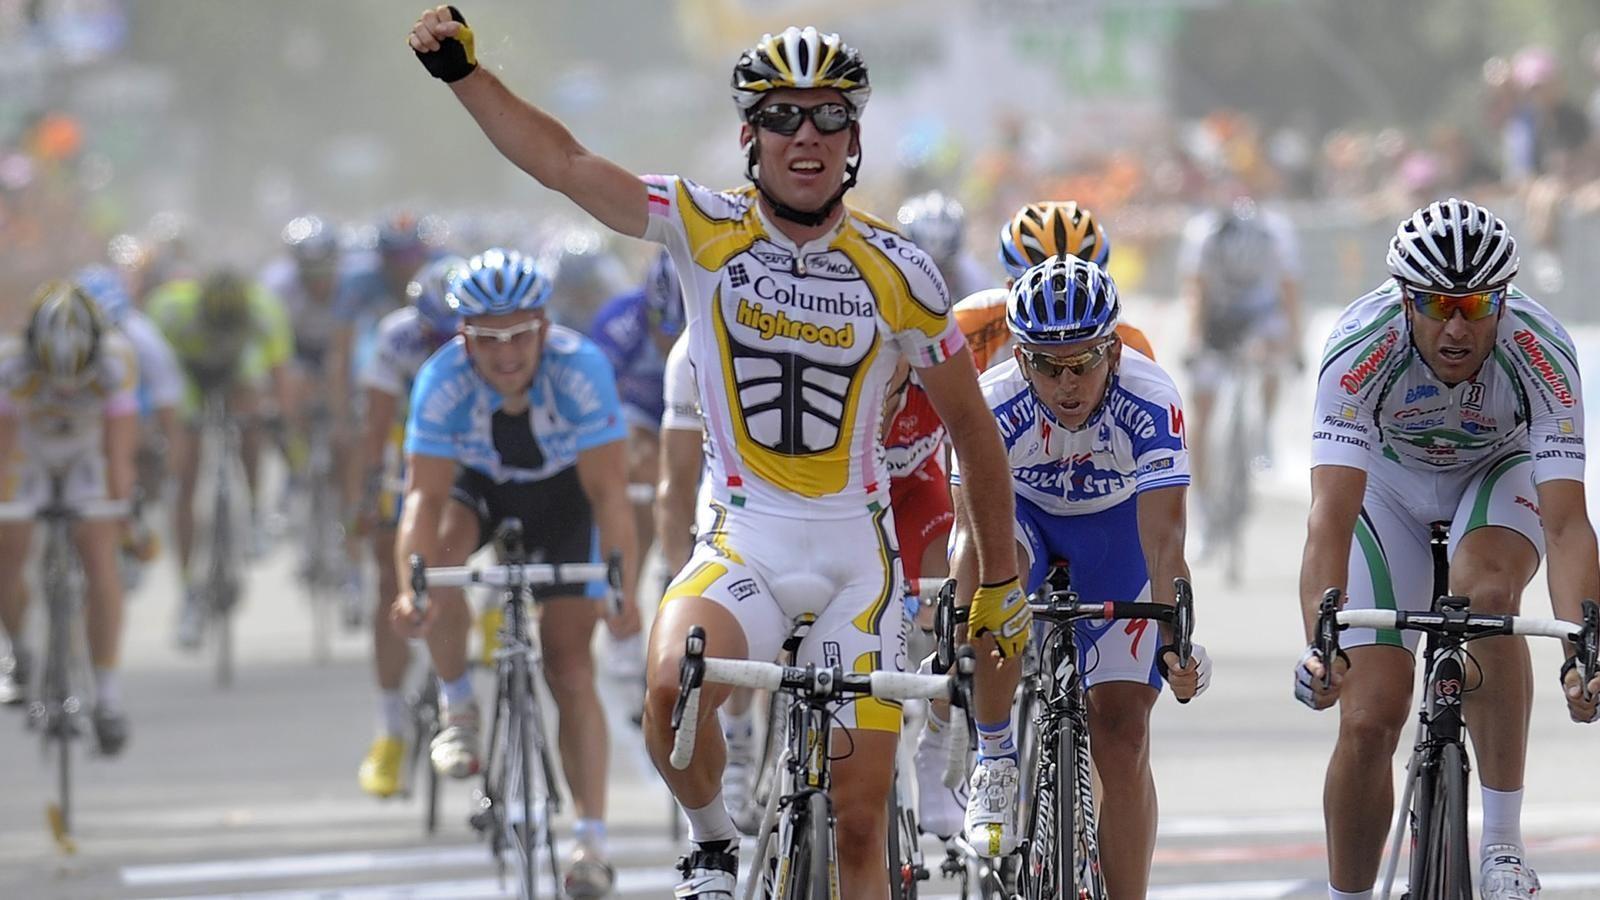 走进环意赛:环意自行车比赛现场图片分享 图1